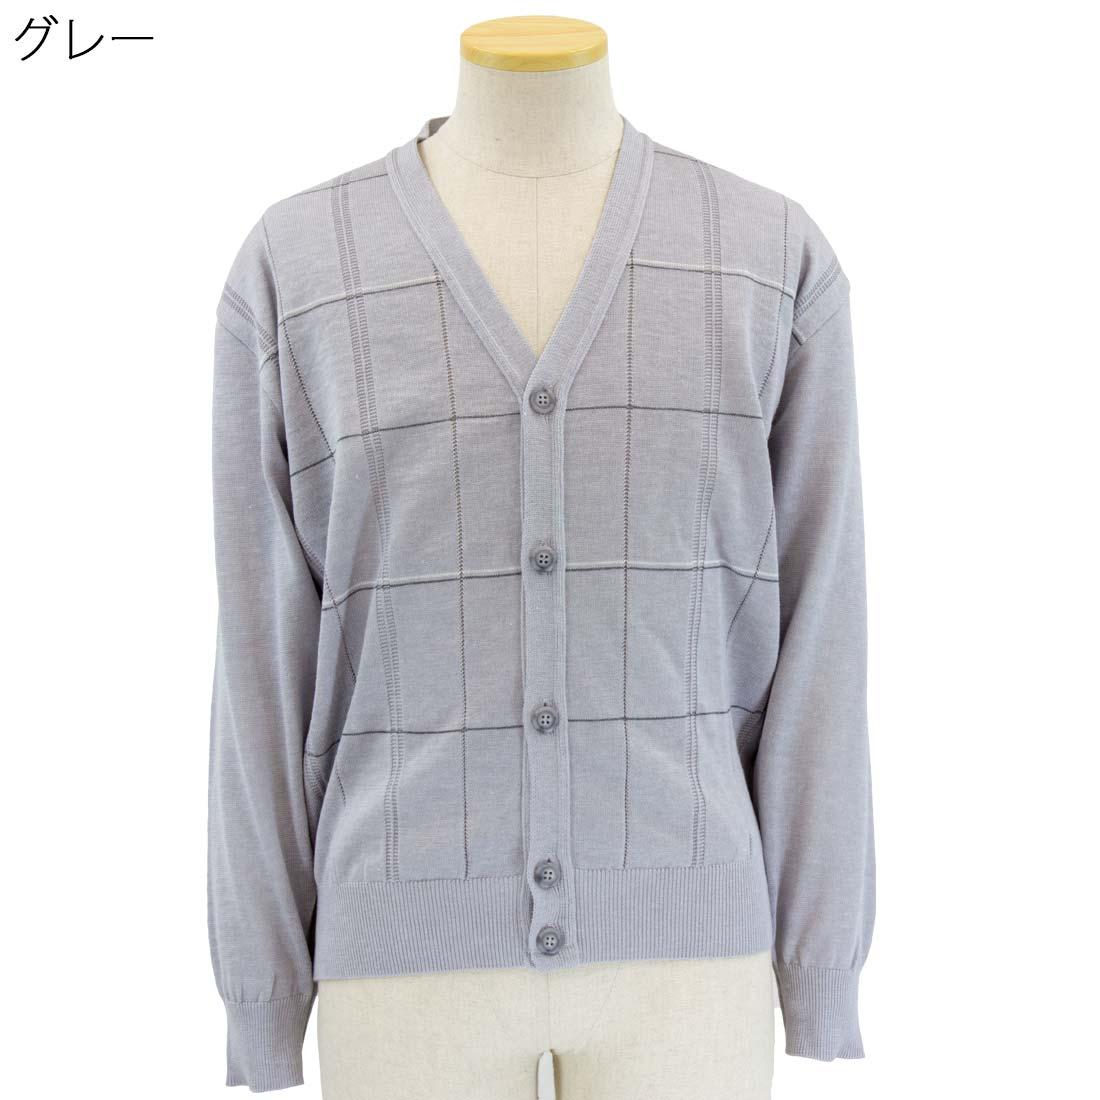 紳士服 シニア向け トップス■麻混 カーディガン 春夏 日本製 洗濯機洗い可